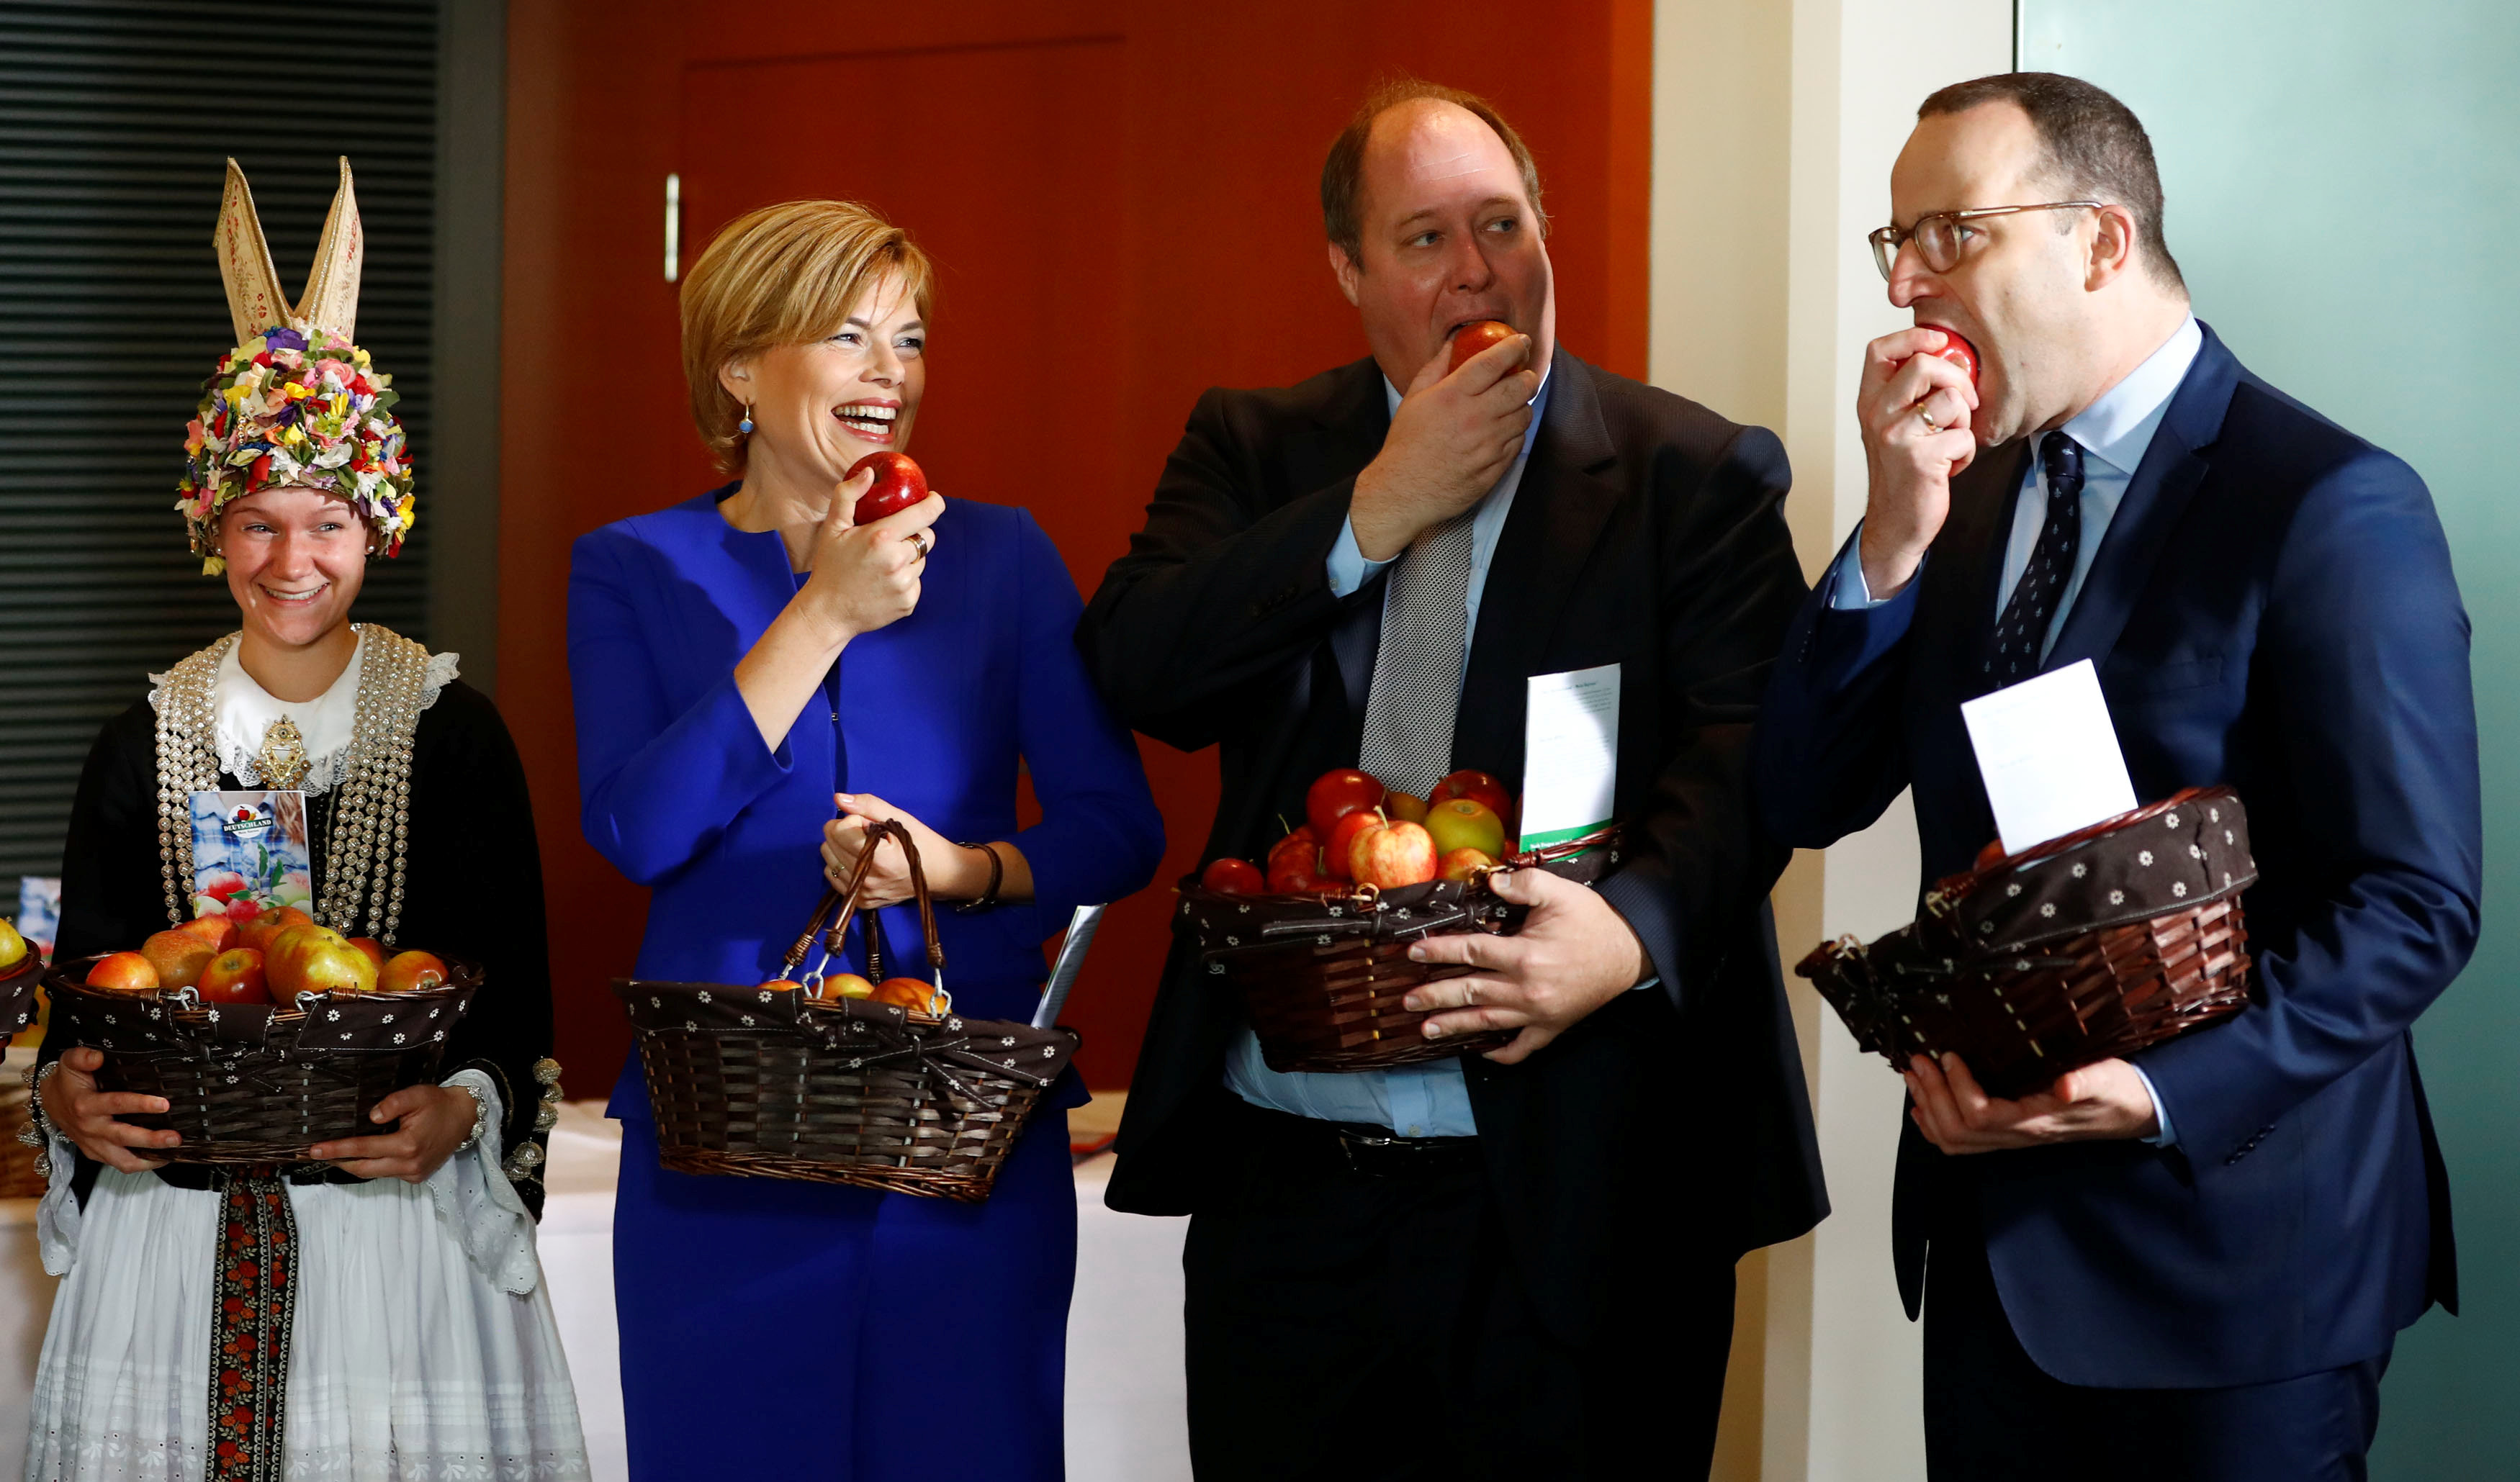 عدد من المسؤولين الألمان يتناولون التفاح